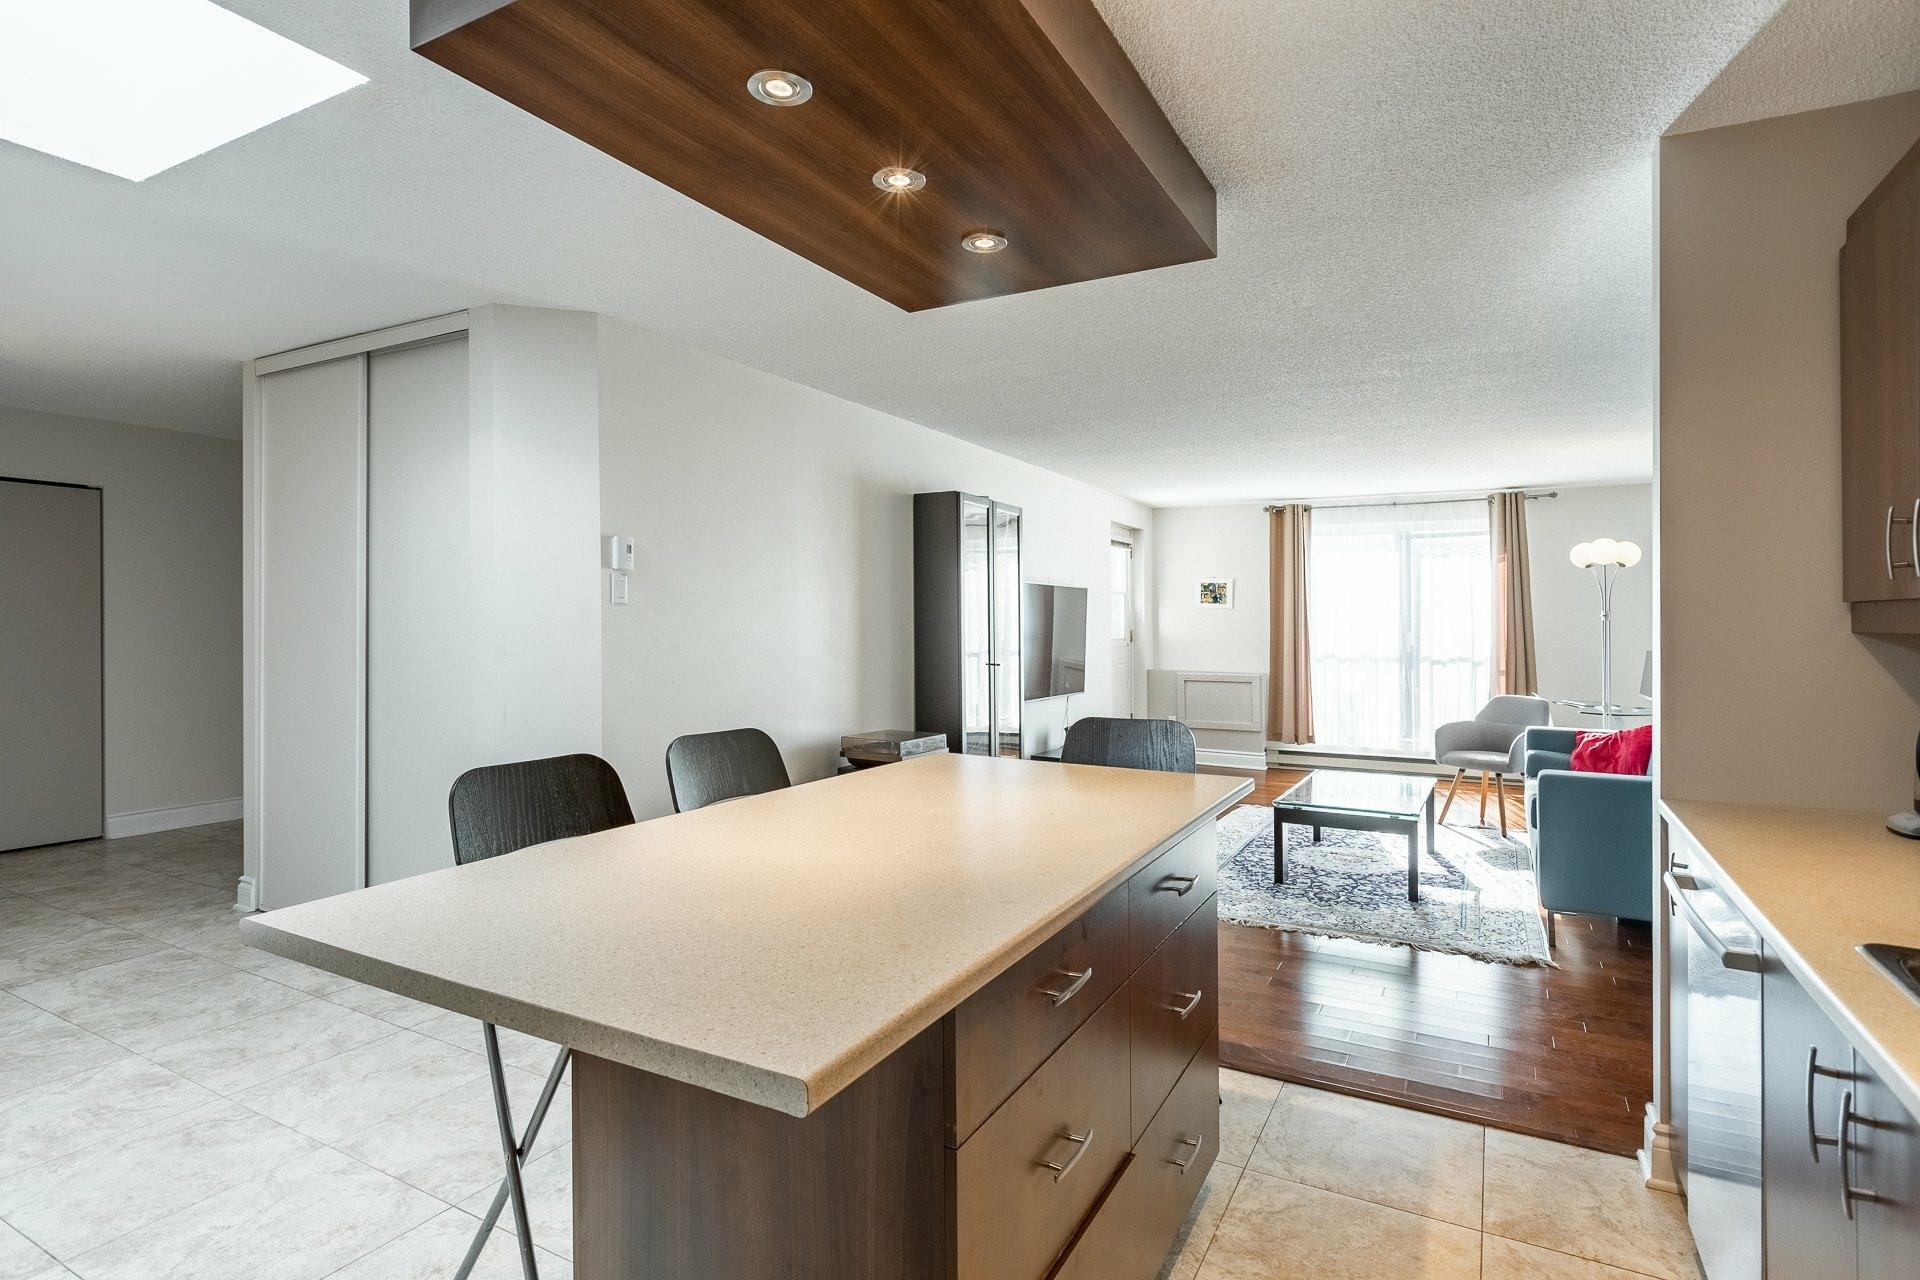 image 11 - Appartement À vendre Montréal Le Plateau-Mont-Royal  - 8 pièces